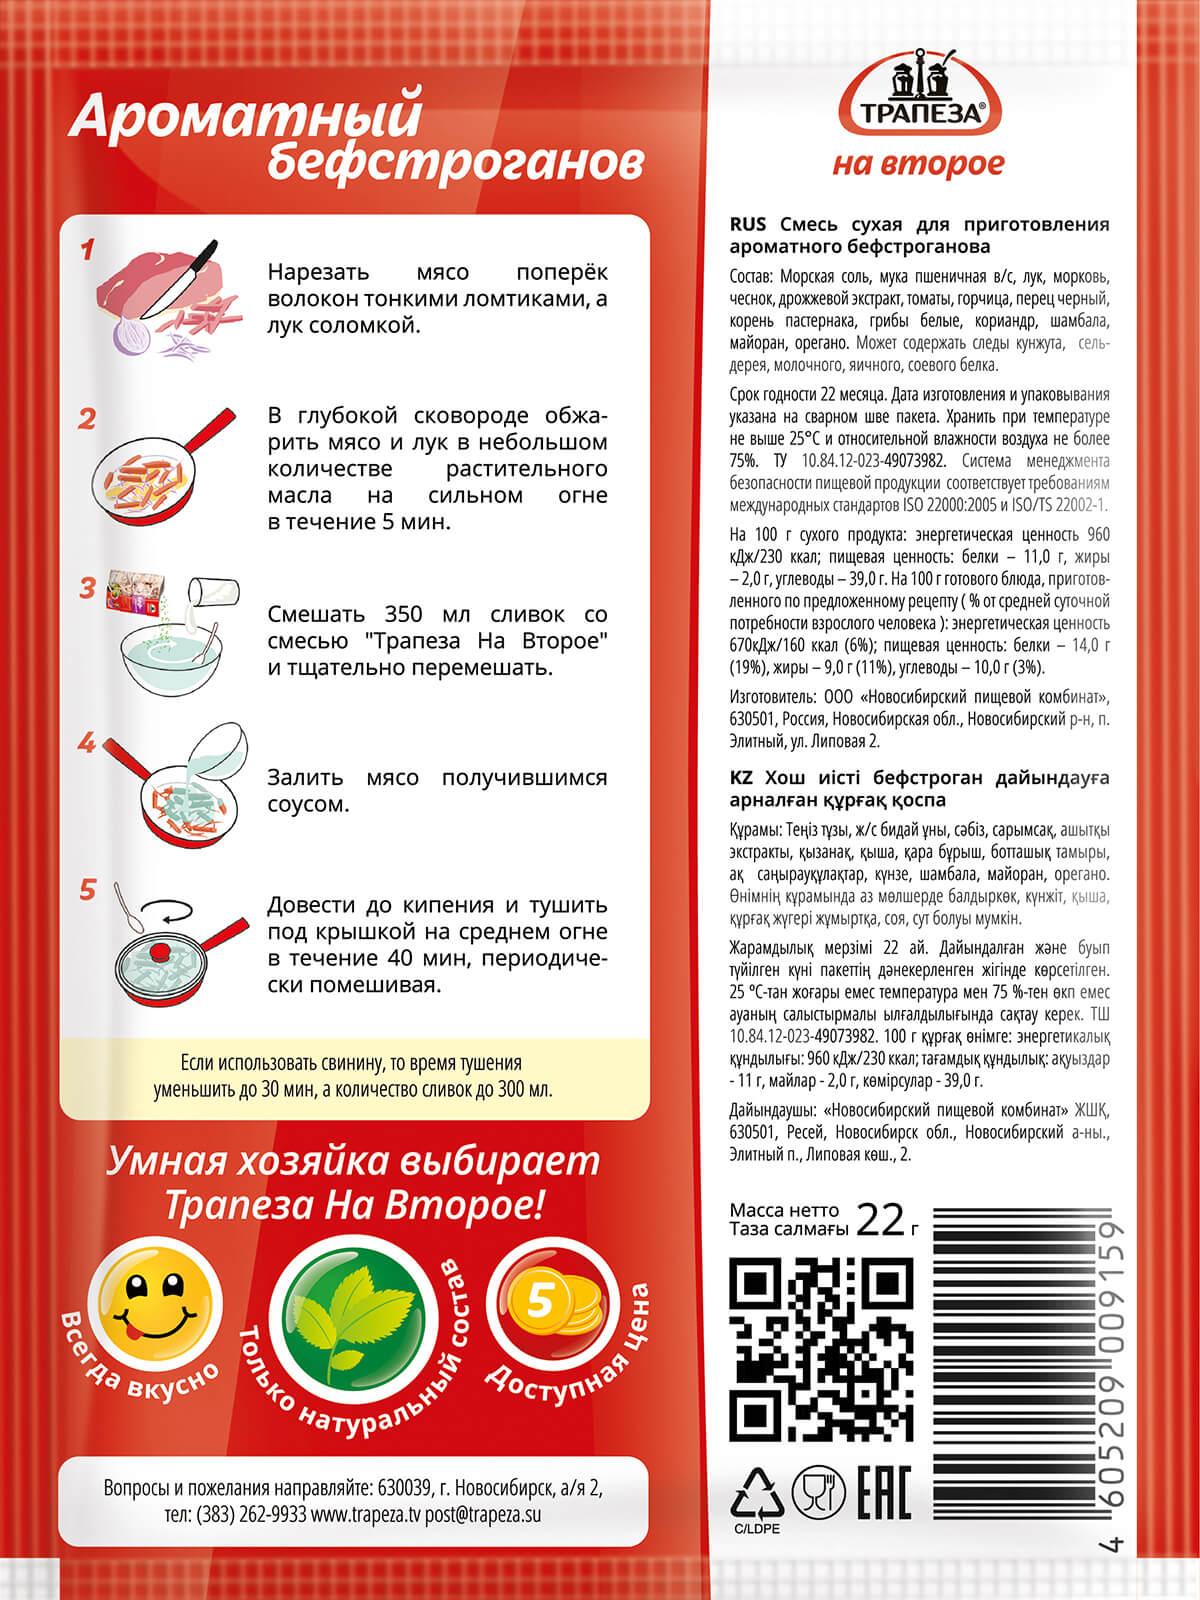 Трапеза на второе смесь для приготовления ароматный бефстроганов